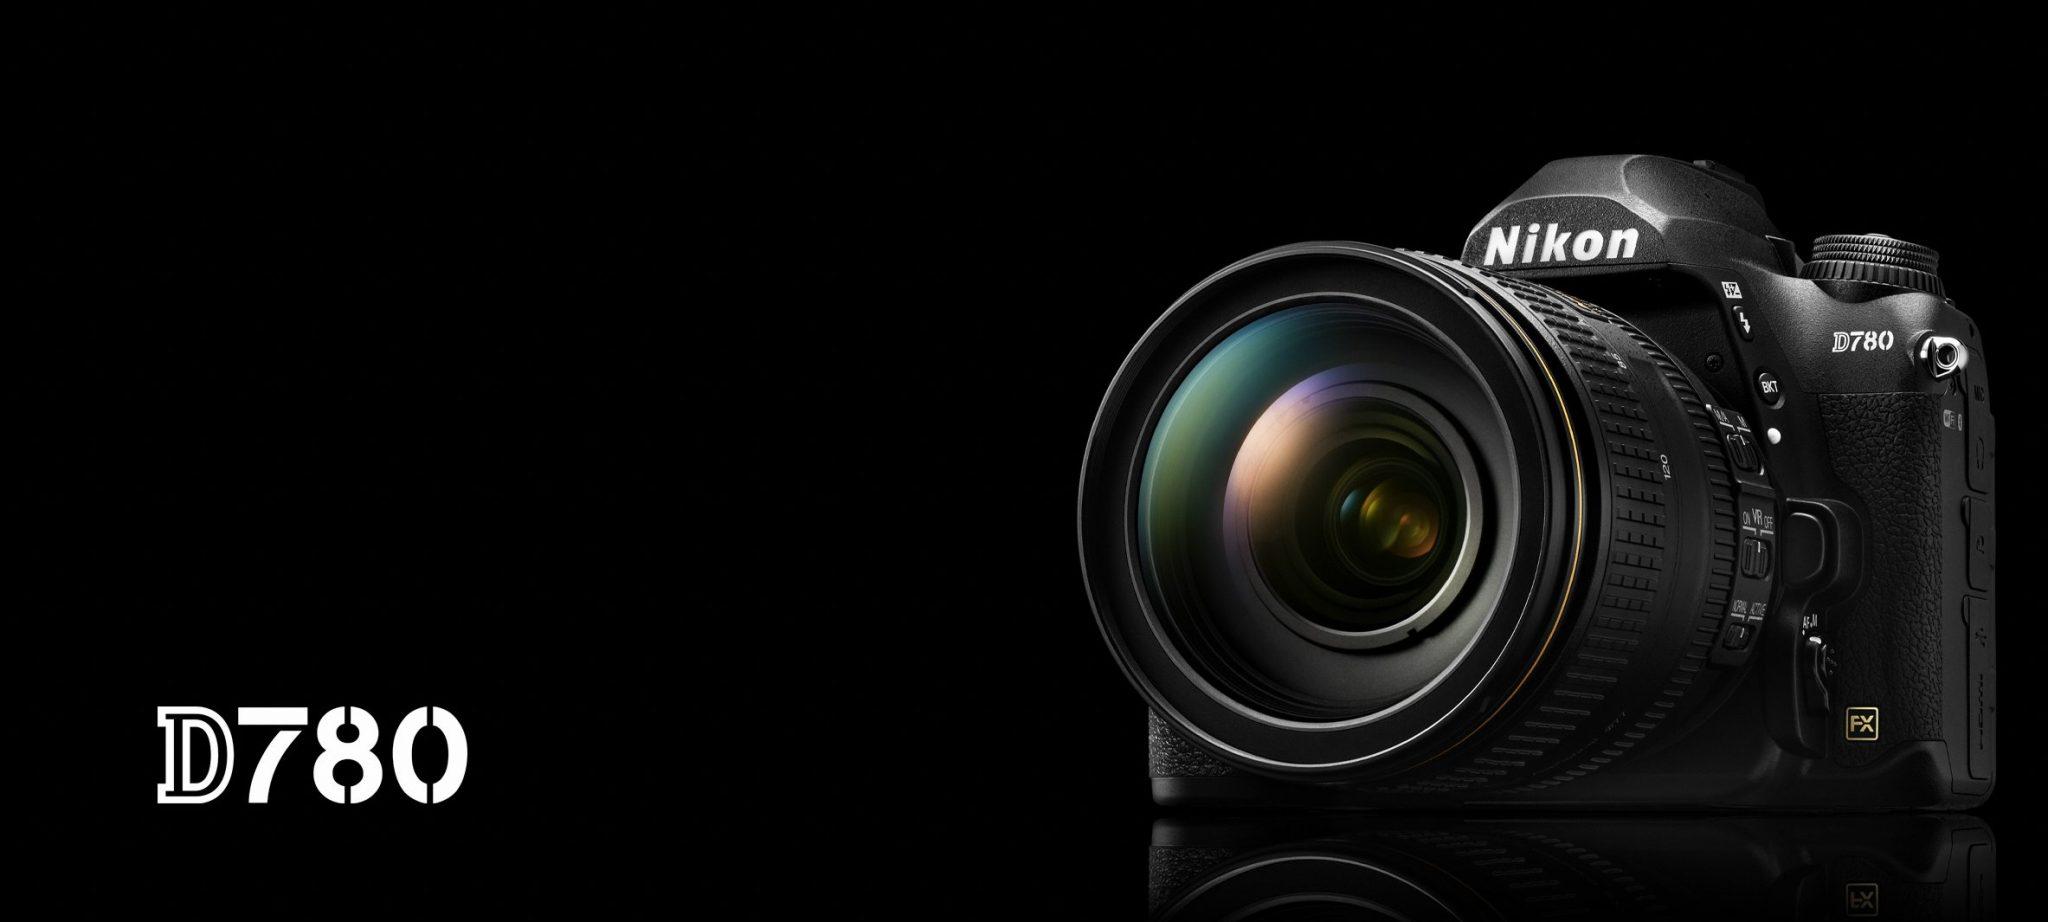 Nikon Italia, disponibili tanti nuovi prodotti per professionisti thumbnail